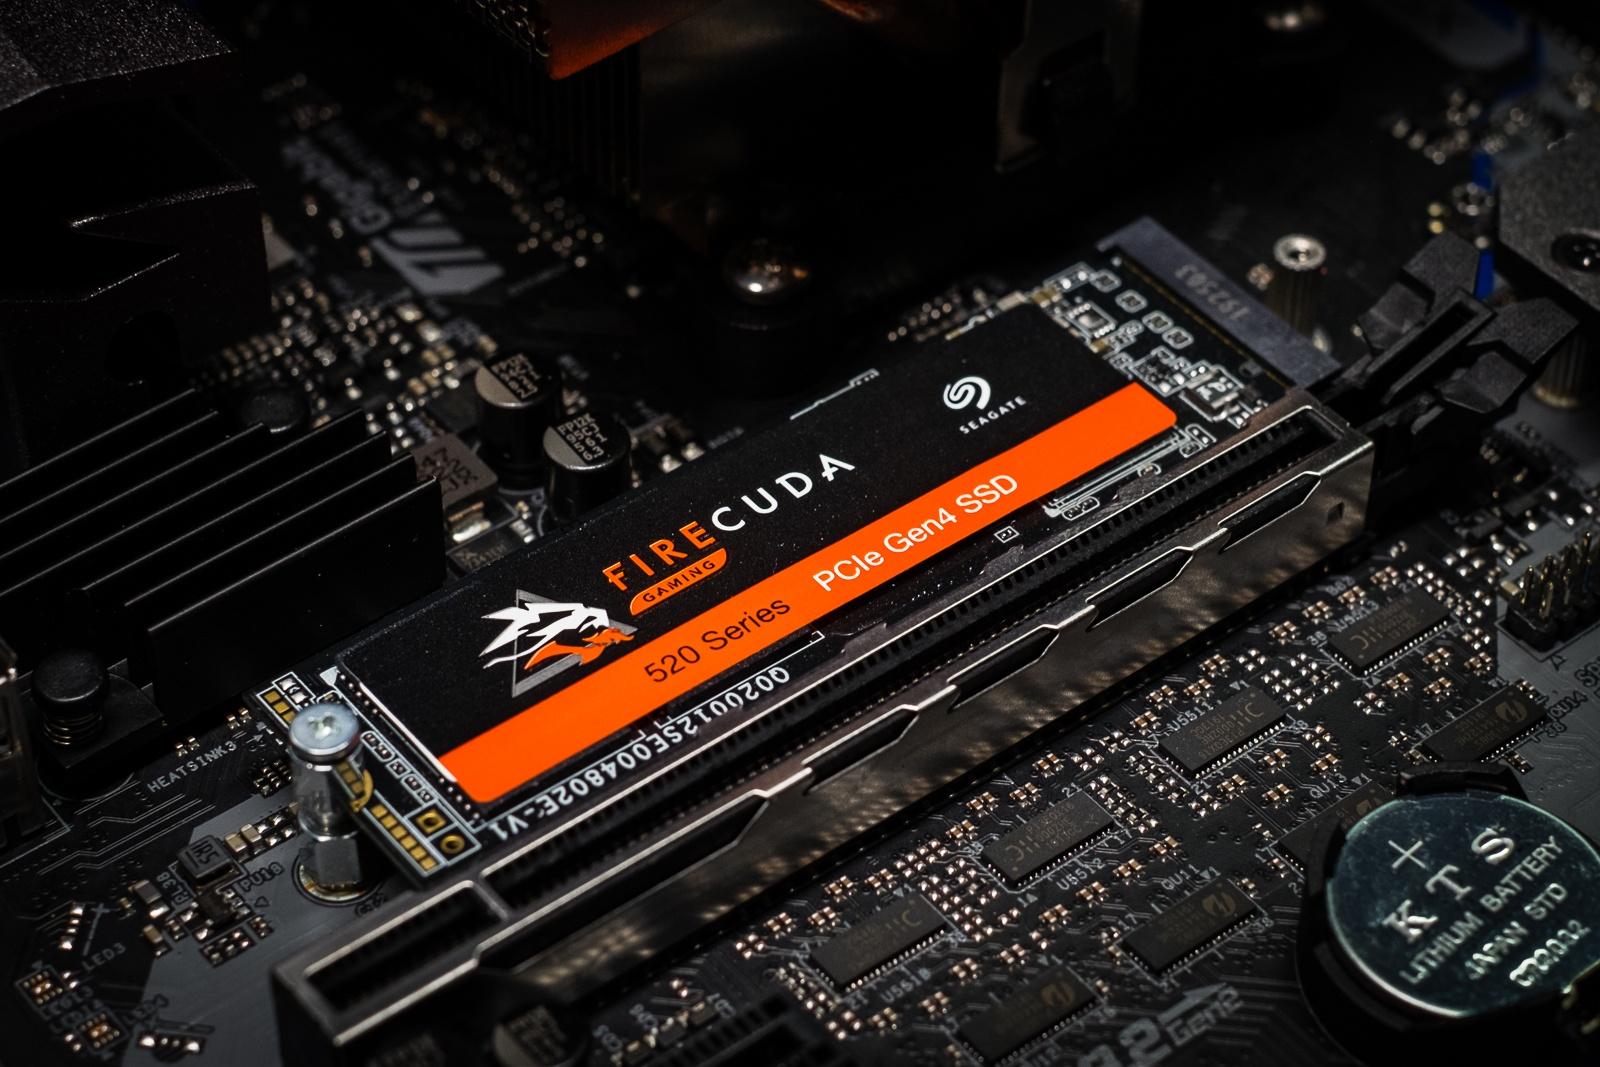 Зачем нужен SSD с интерфейсом PCI Express 4.0? Объясняем на примере Seagate FireCuda 520 - 1